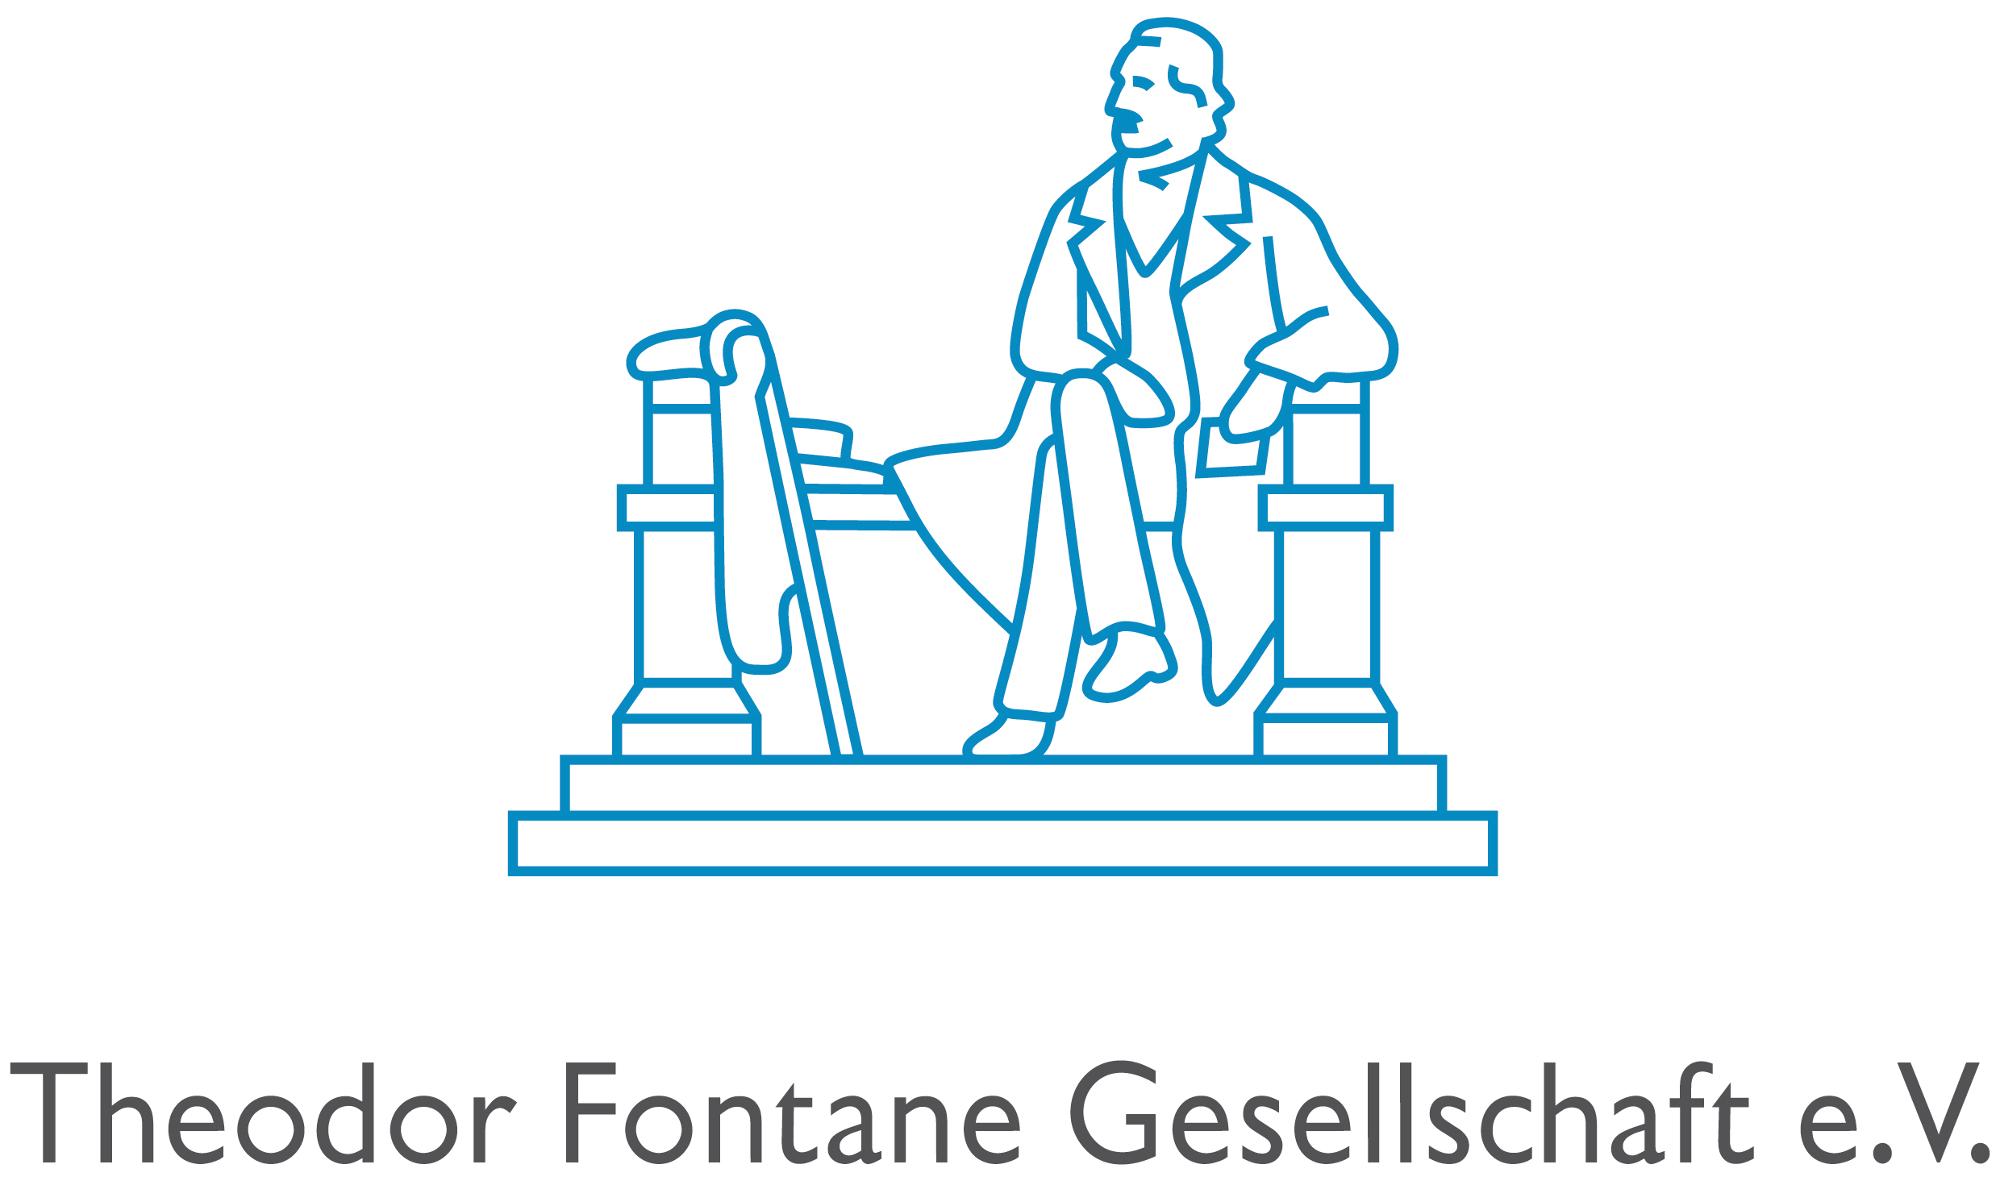 Jahrestagung 2019 der Theodor Fontane Gesellschaft